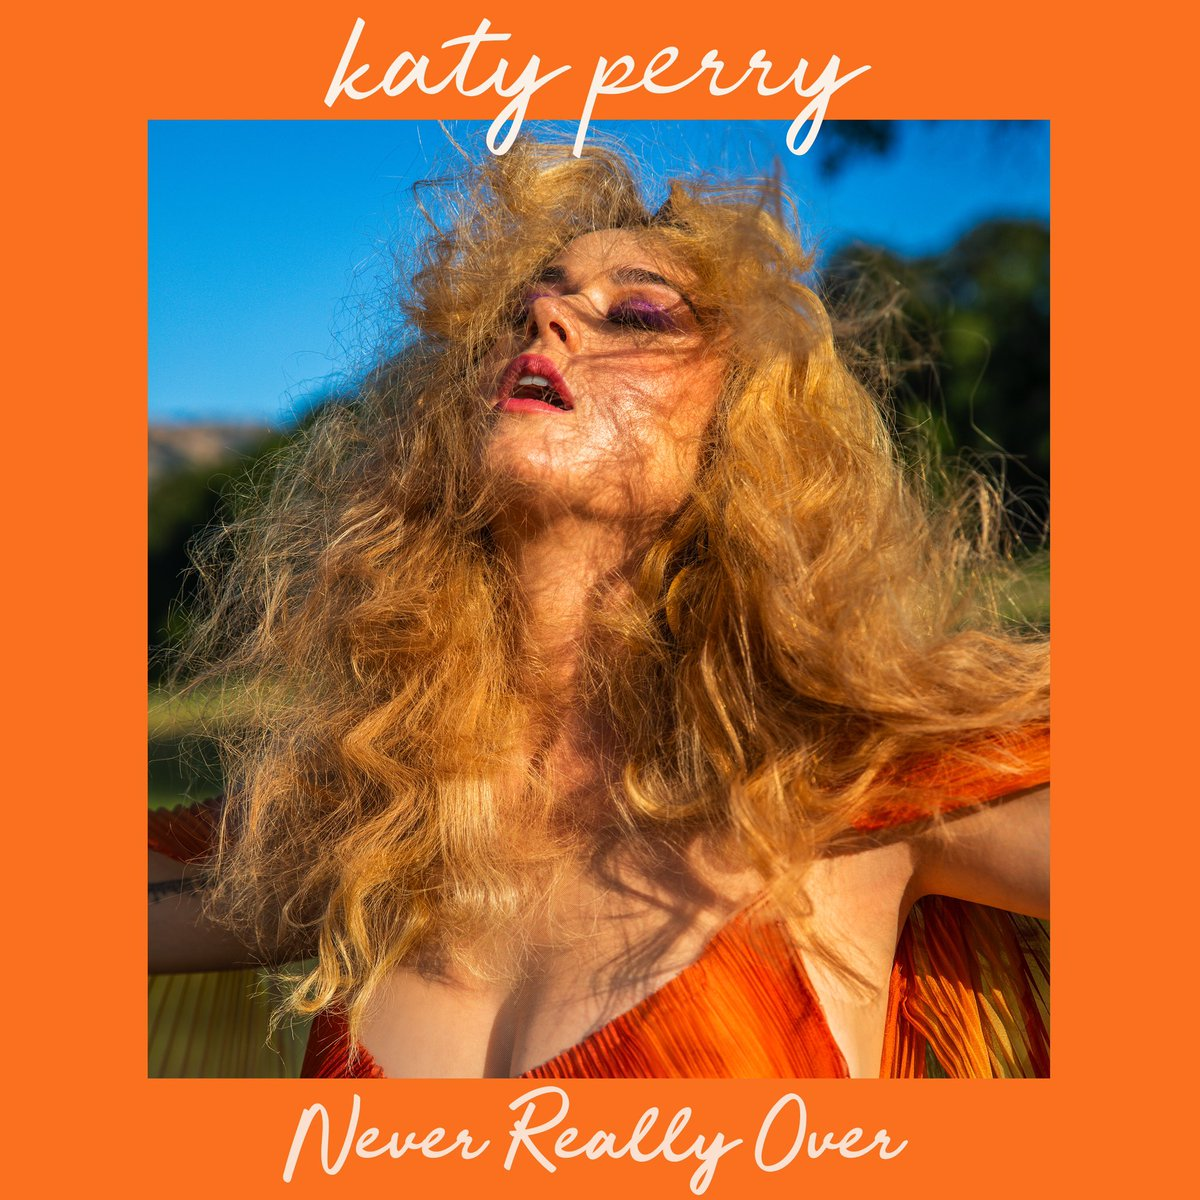 ¡Katy Perry está de vuelta! con su nuevo tema: 'Never Really Over'